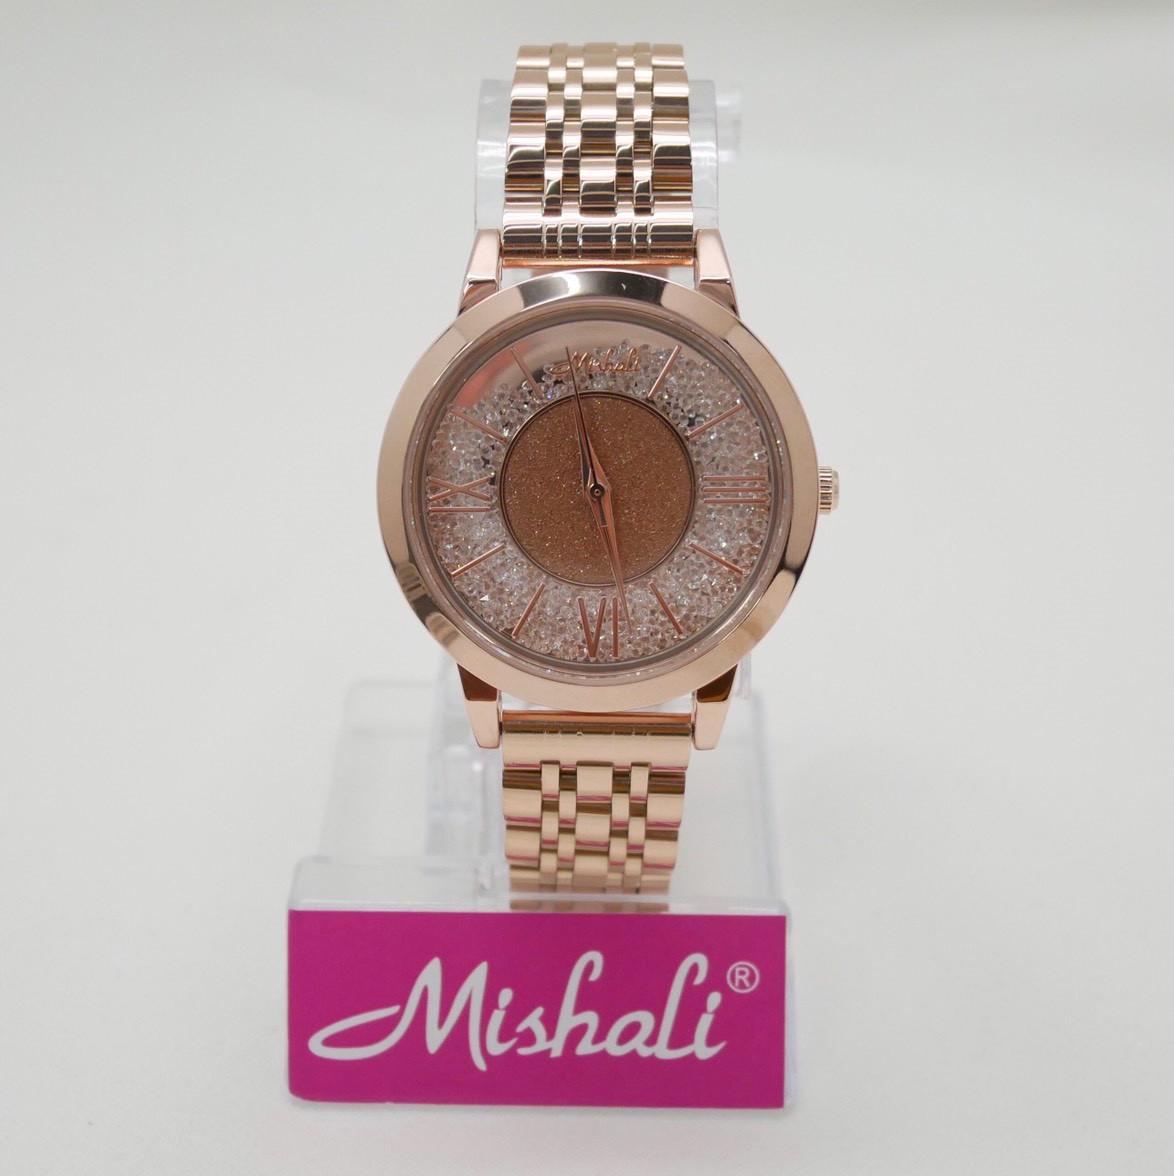 นาฬิกาข้อมือผู้หญิง MISHALI M19003A B